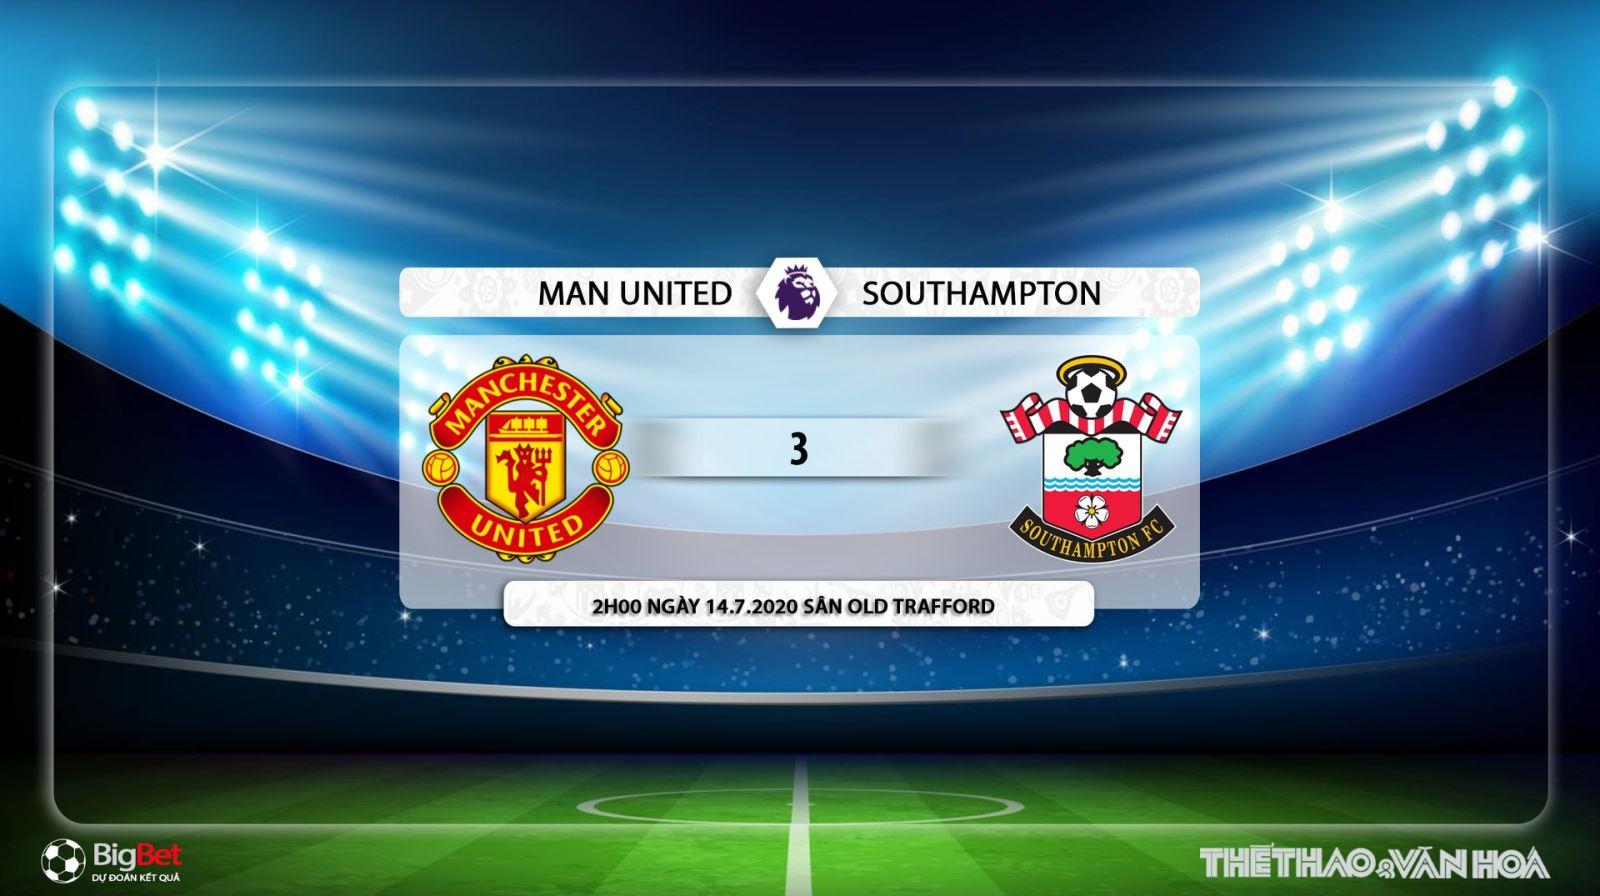 MU vs Southampton, mu, southampton, manchester united, bóng đá, bong da, lịch thi đấu bóng đá, soi kèo, kèo bóng đá